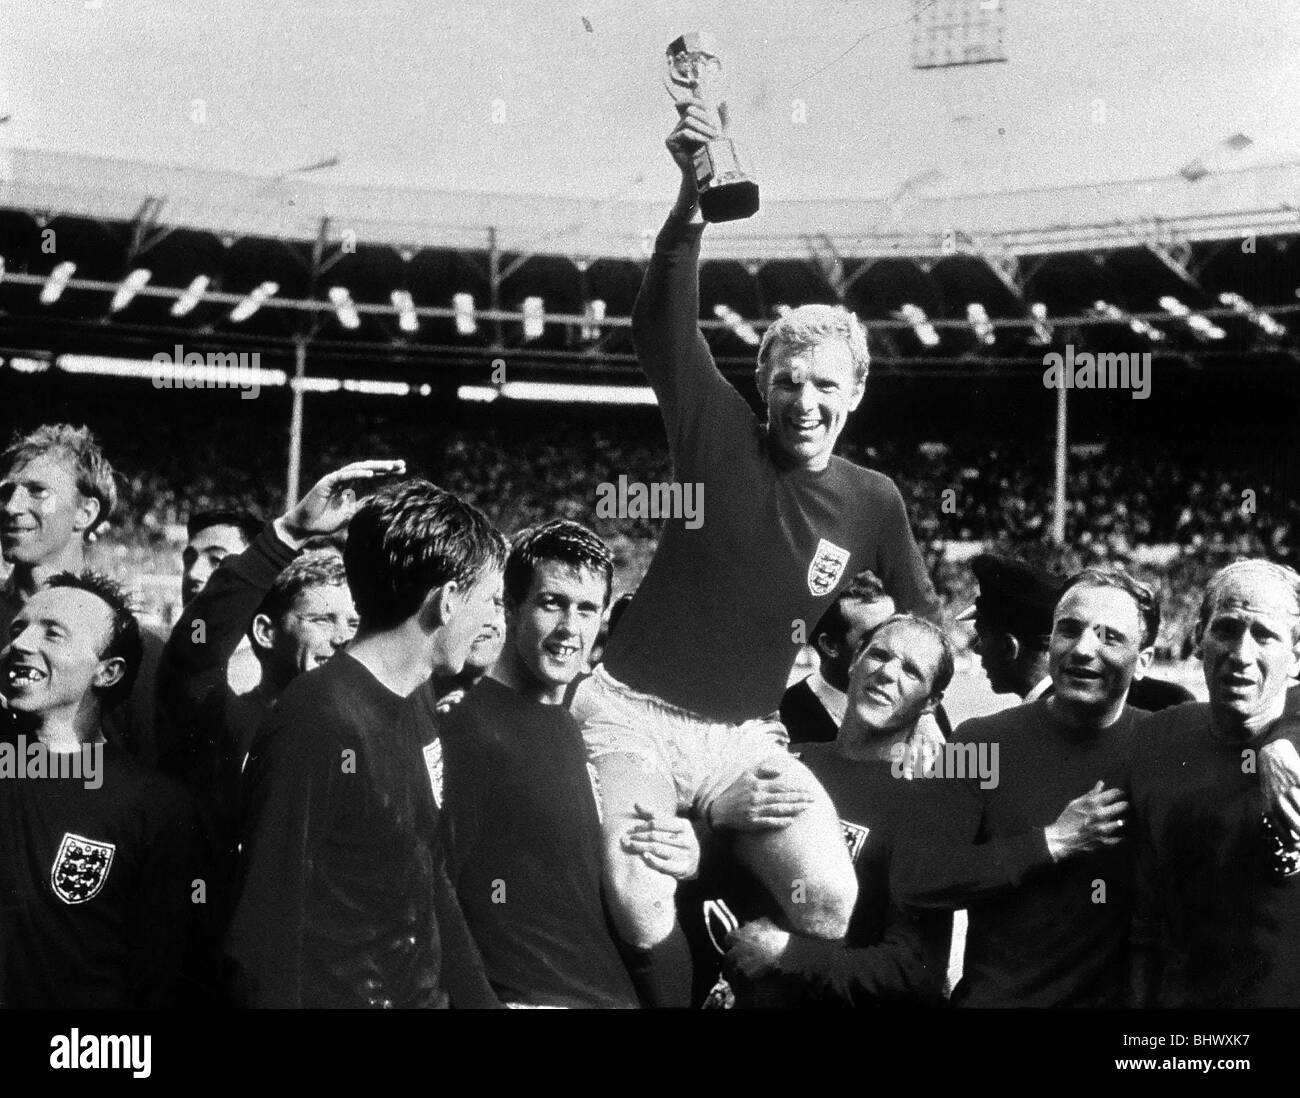 Finale di coppa del mondo di luglio 1966 allo Stadio di Wembley Inghilterra 4 v Germania Ovest 2 dopo un tempo supplementare Immagini Stock